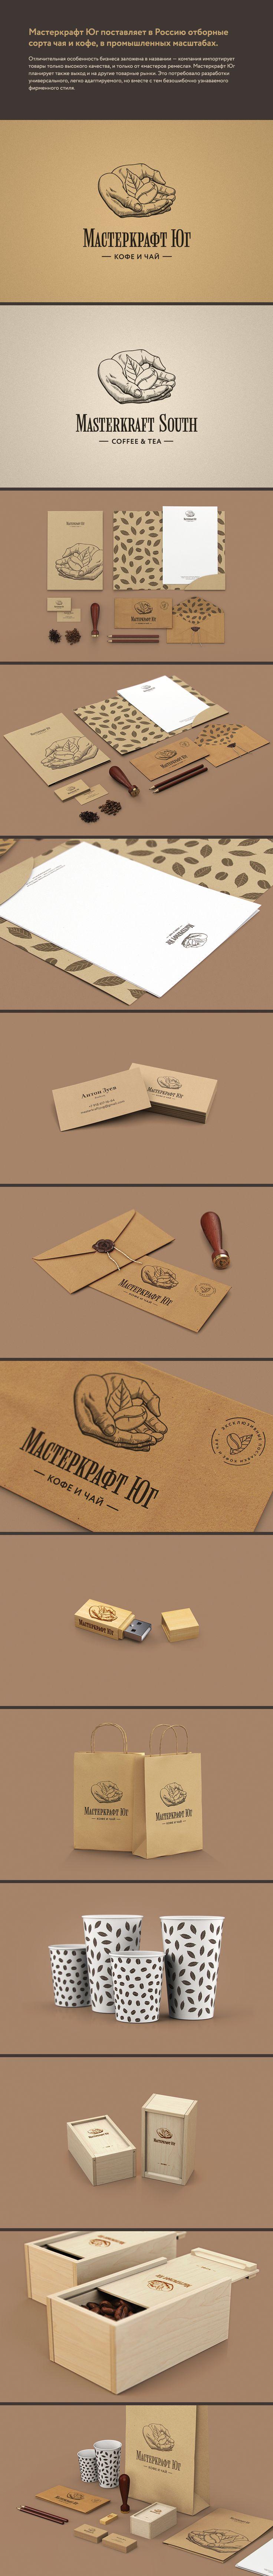 Брендинг для «Мастеркрафт Юг»  Фирменный стиль © Helix Advance MasterKraft handsome #packaging #branding #marketing PD